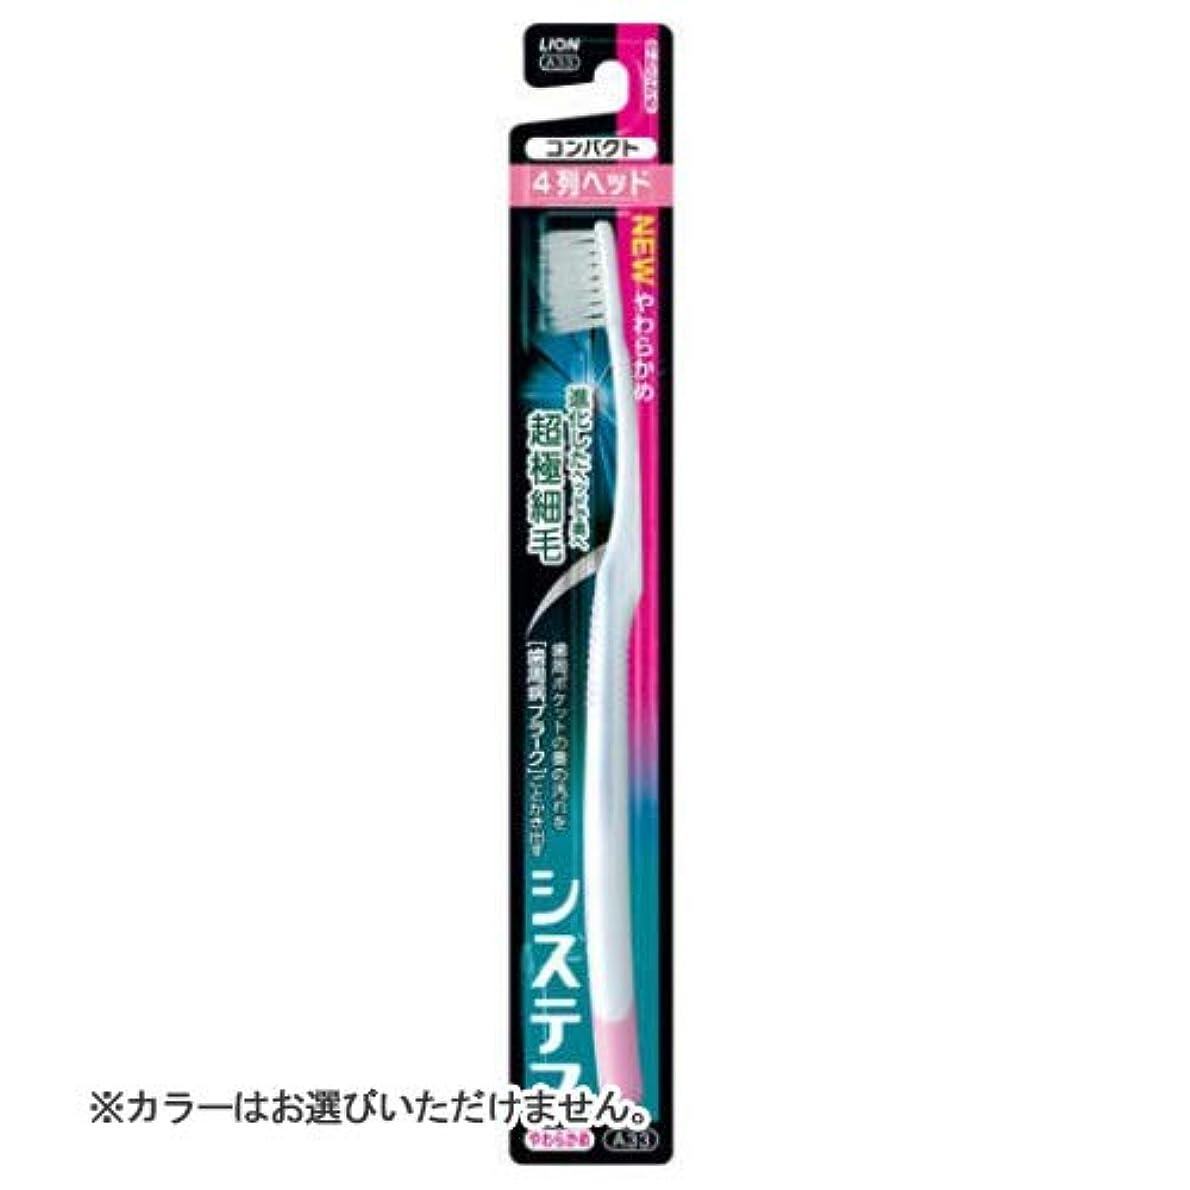 含意リベラルライオン システマ ハブラシ コンパクト4列 やわらかめ (1本) 大人用 歯ブラシ